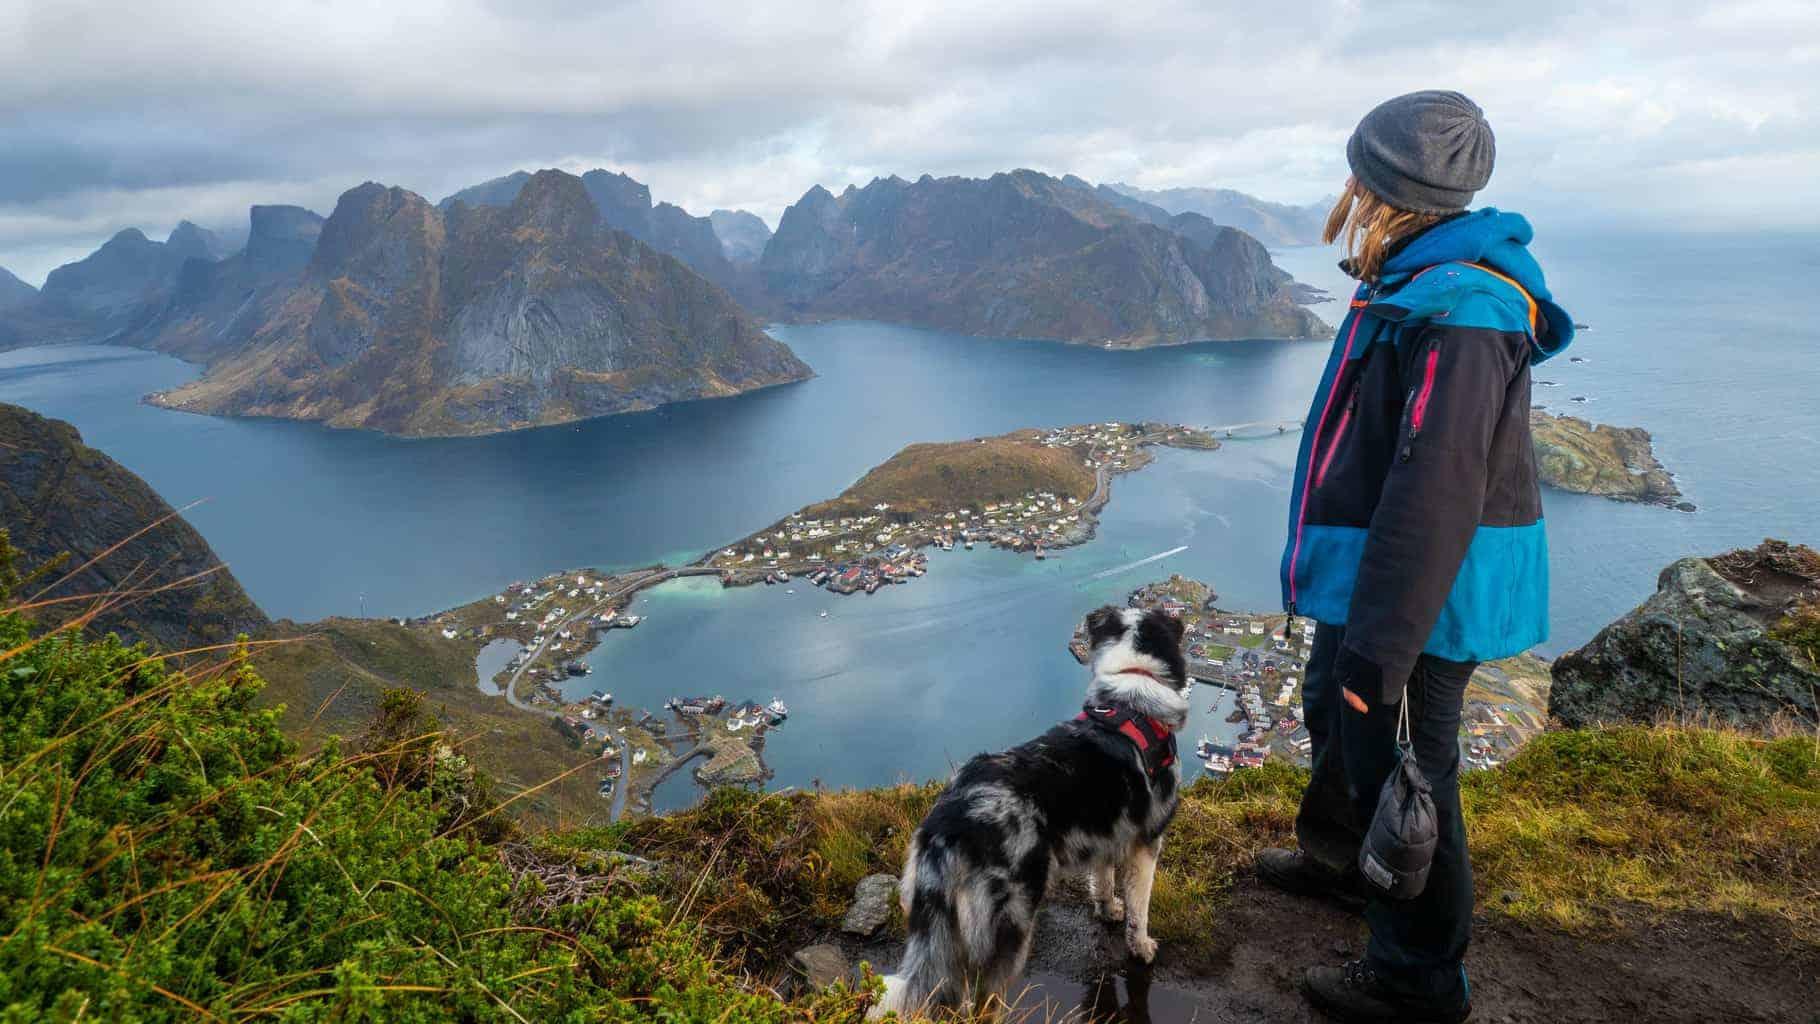 Urlaub mit dem Hund in Skandinavien